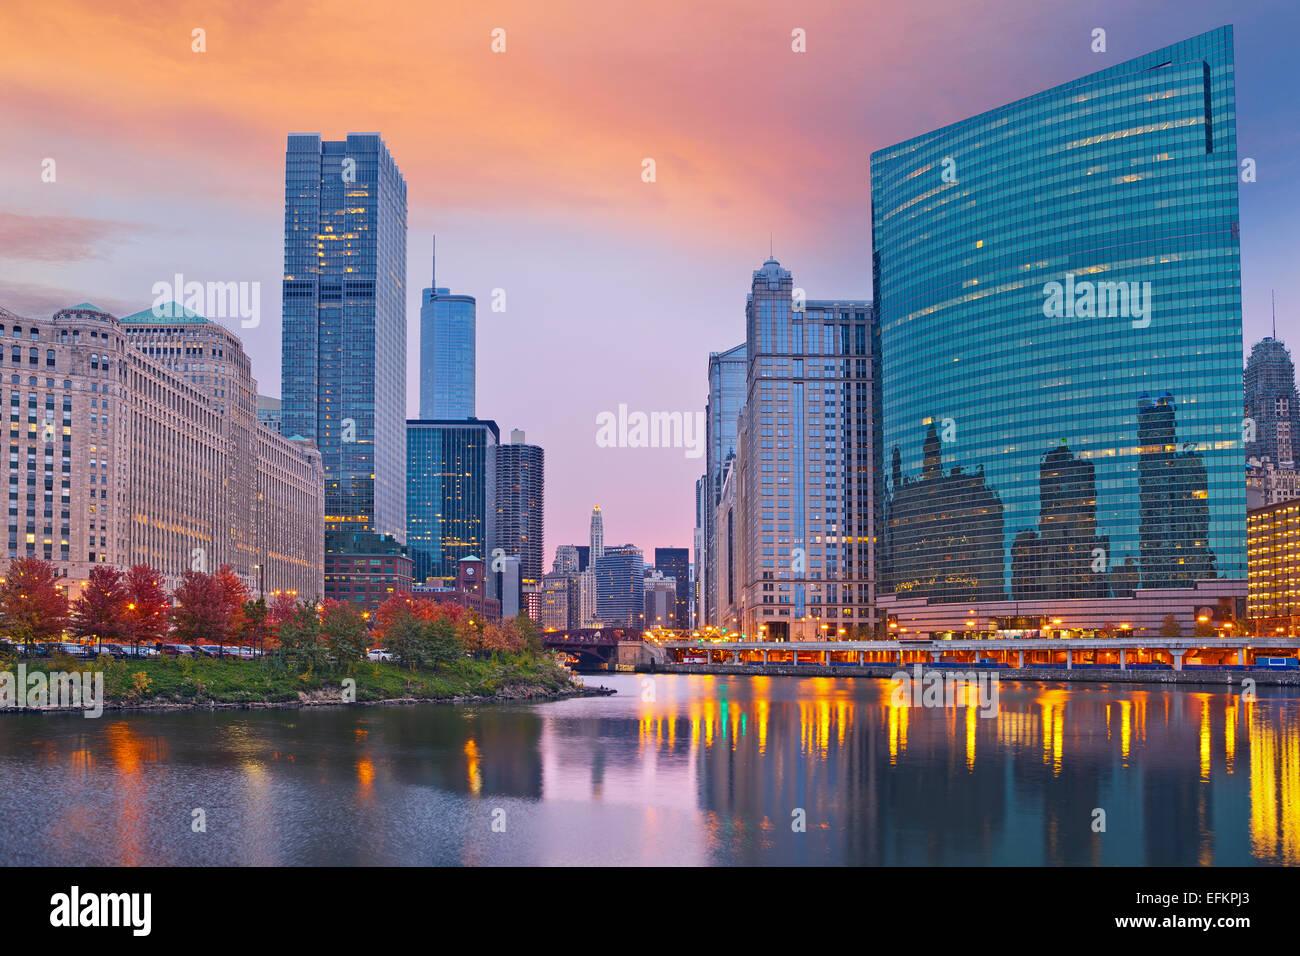 Chicago. Imagen de la ciudad de Chicago durante la puesta de sol. Imagen De Stock